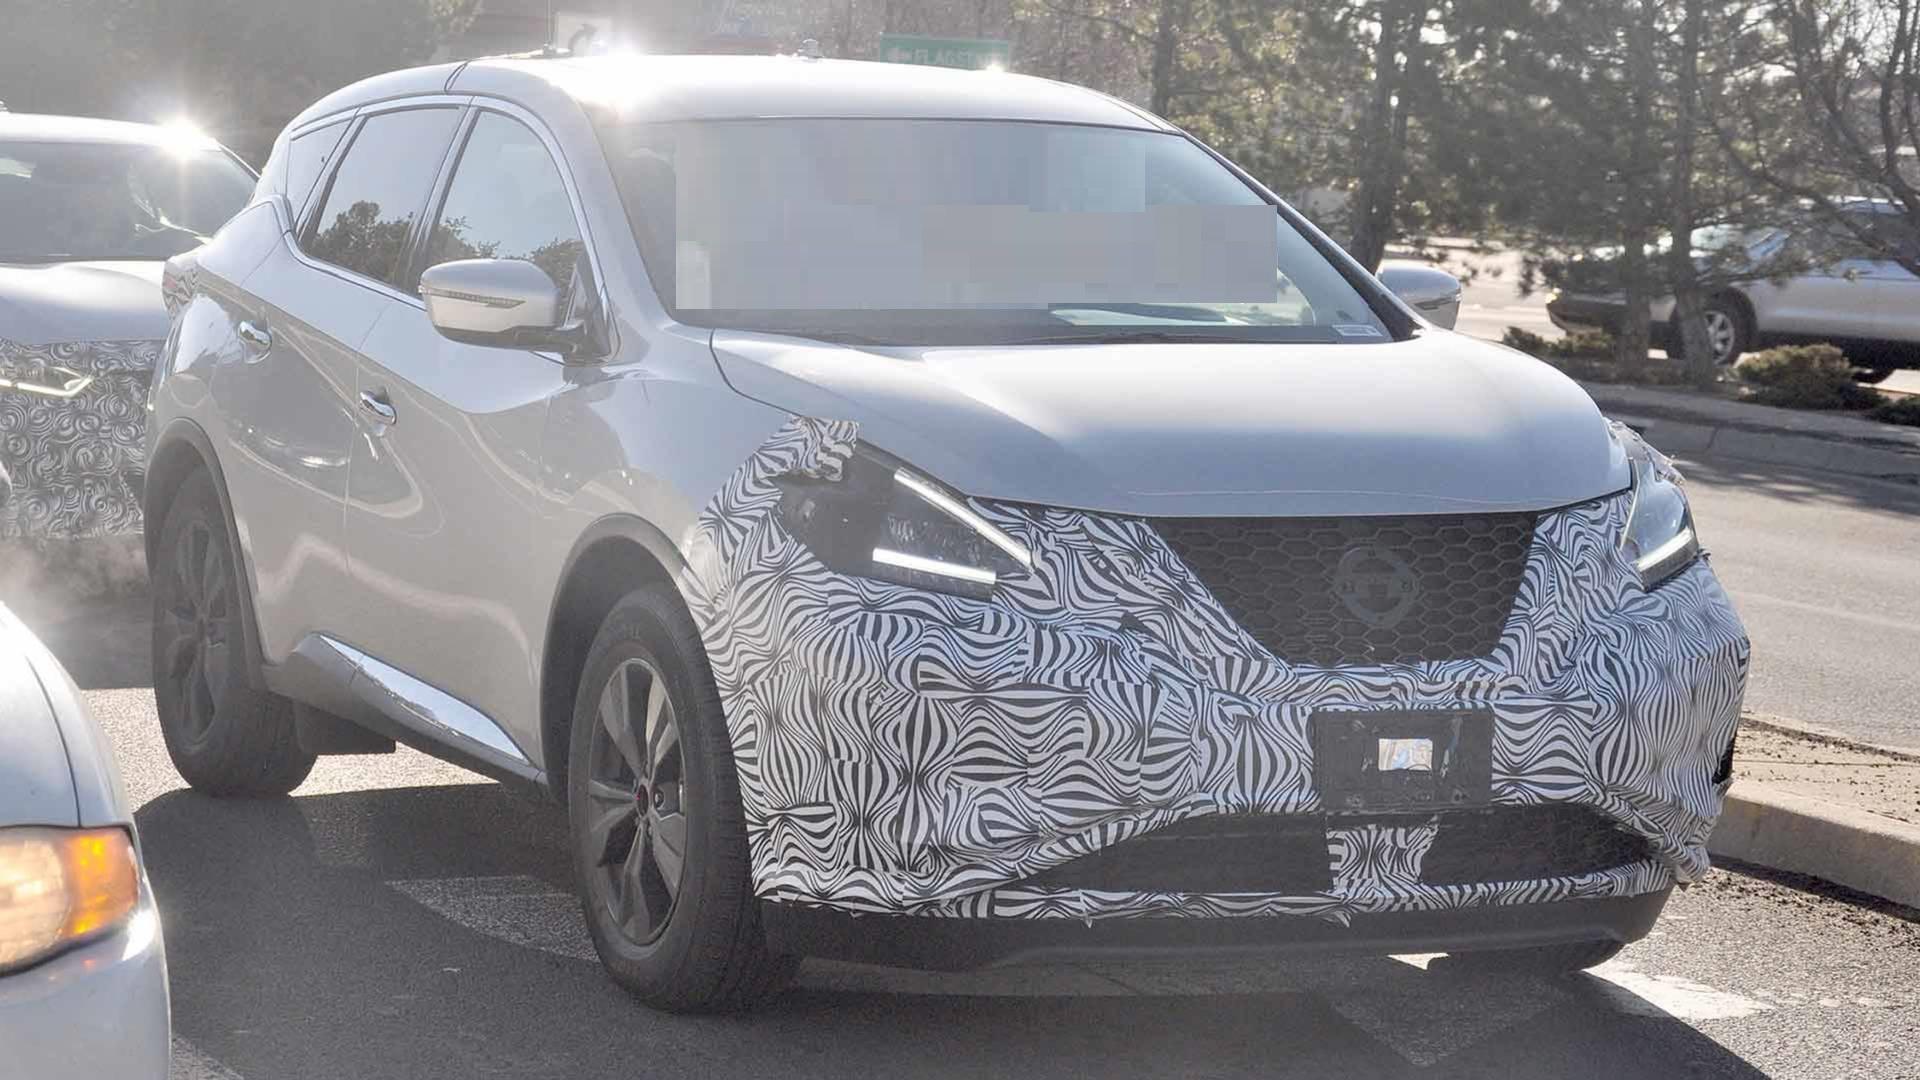 2021 Nissan Murano spy photos